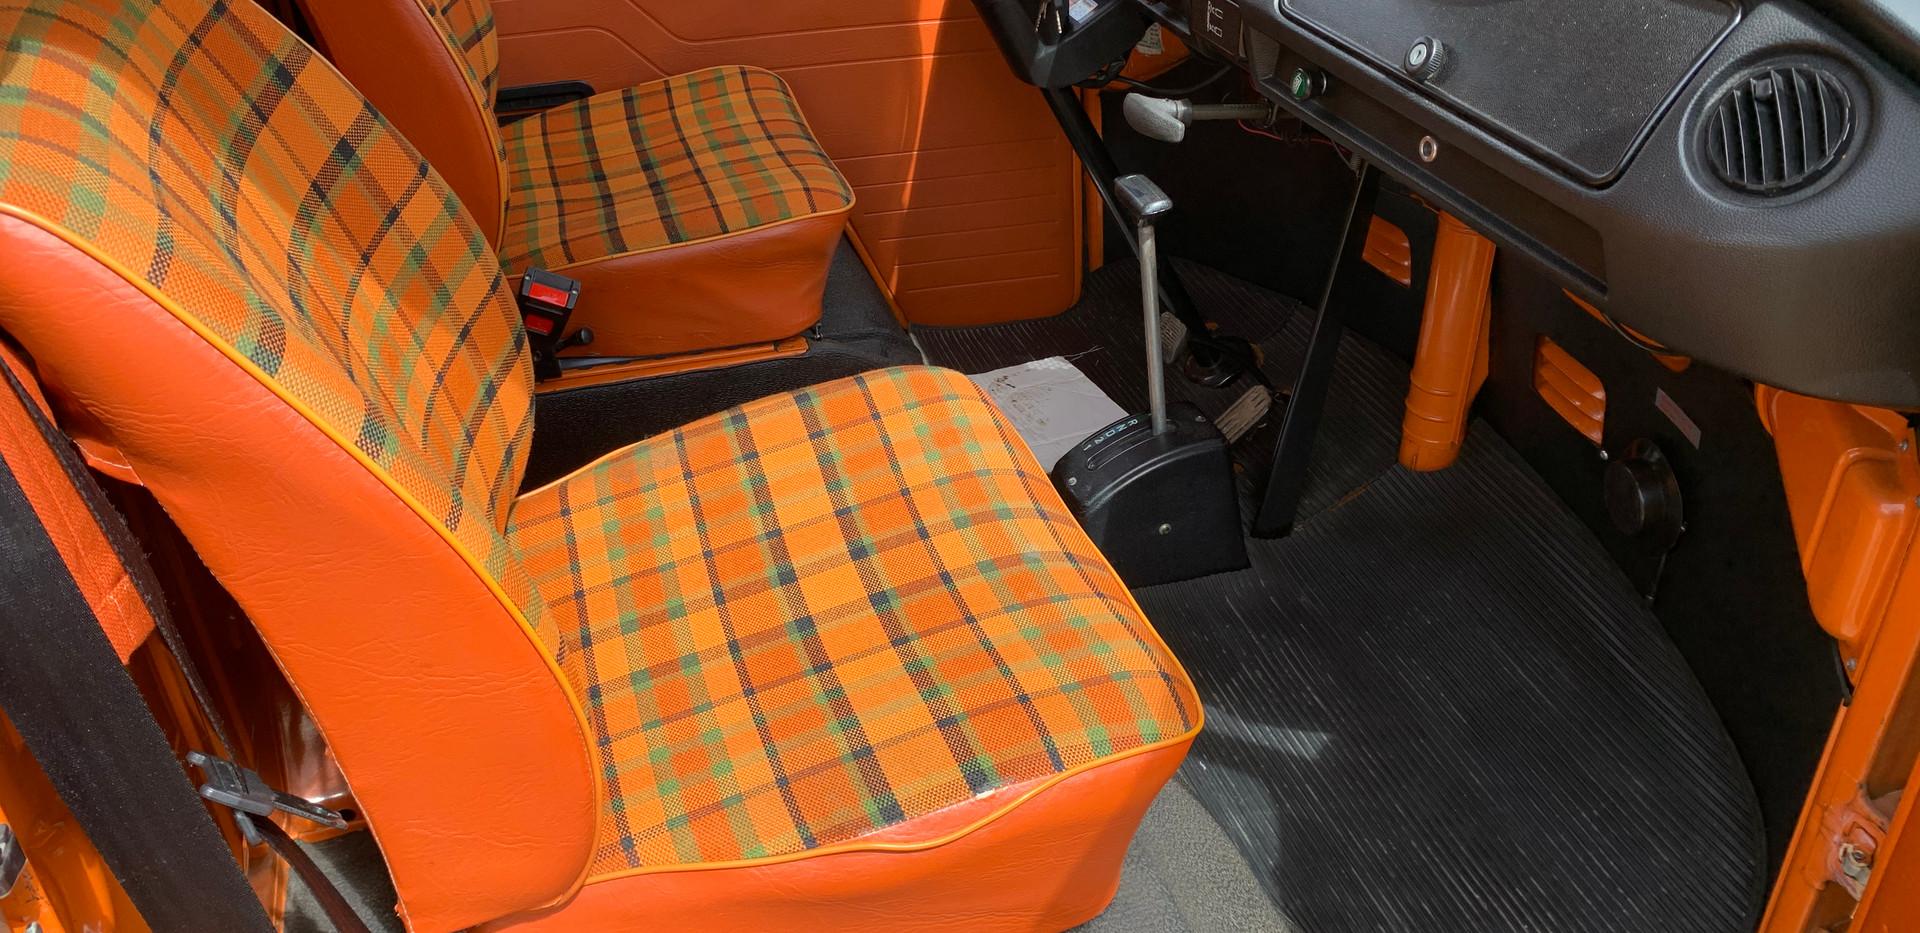 Retro camper interior.jpg